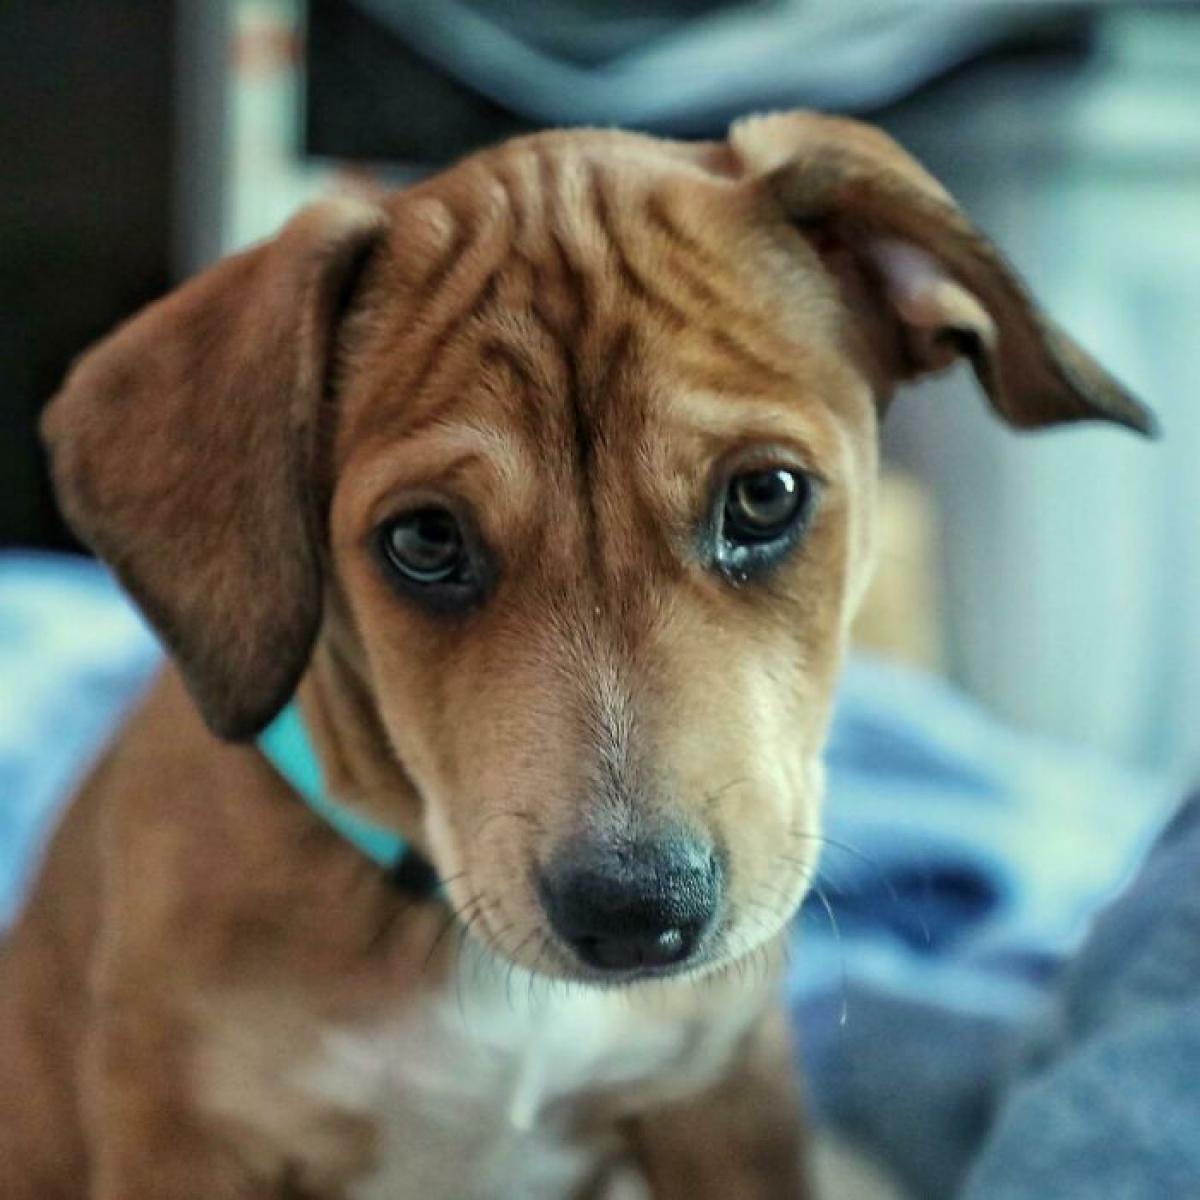 Ánh nhìn tội nghiệp của chú chó sau thời gian dài bị ngược đãi.